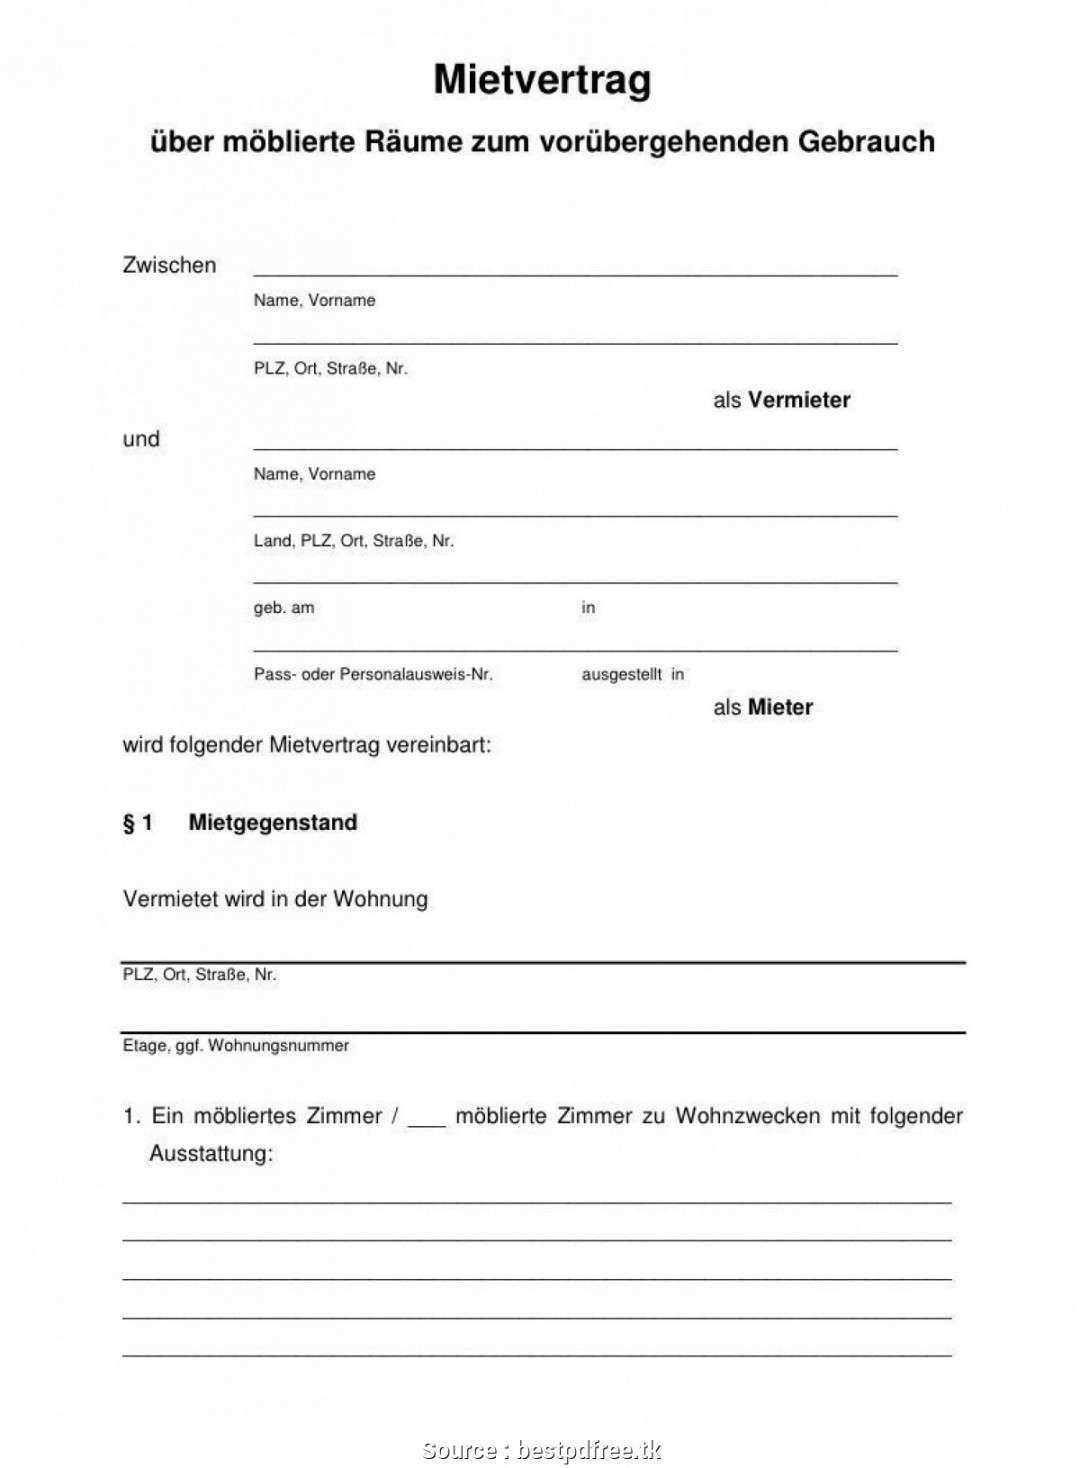 Praktischangente Kundigungsbestatigung Vermieter Vorlage Kostenlos Document Templates Study Notes Templates